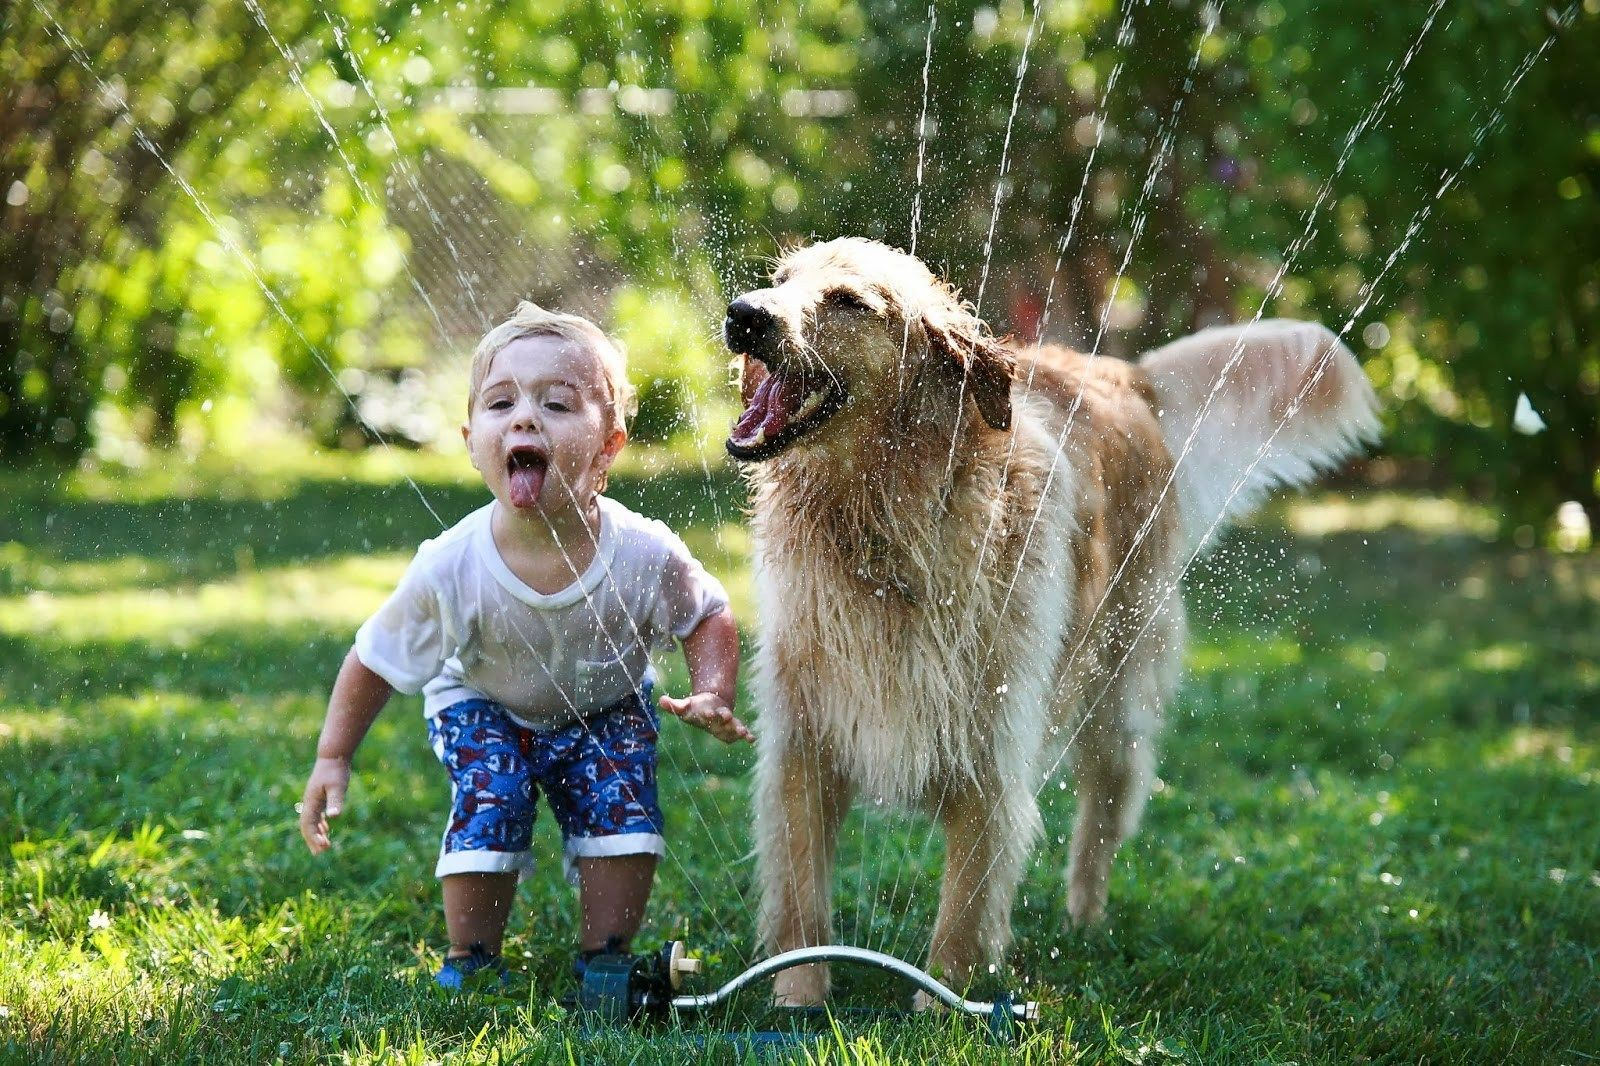 Beneficios del vínculo afectivo entre niños y mascotas